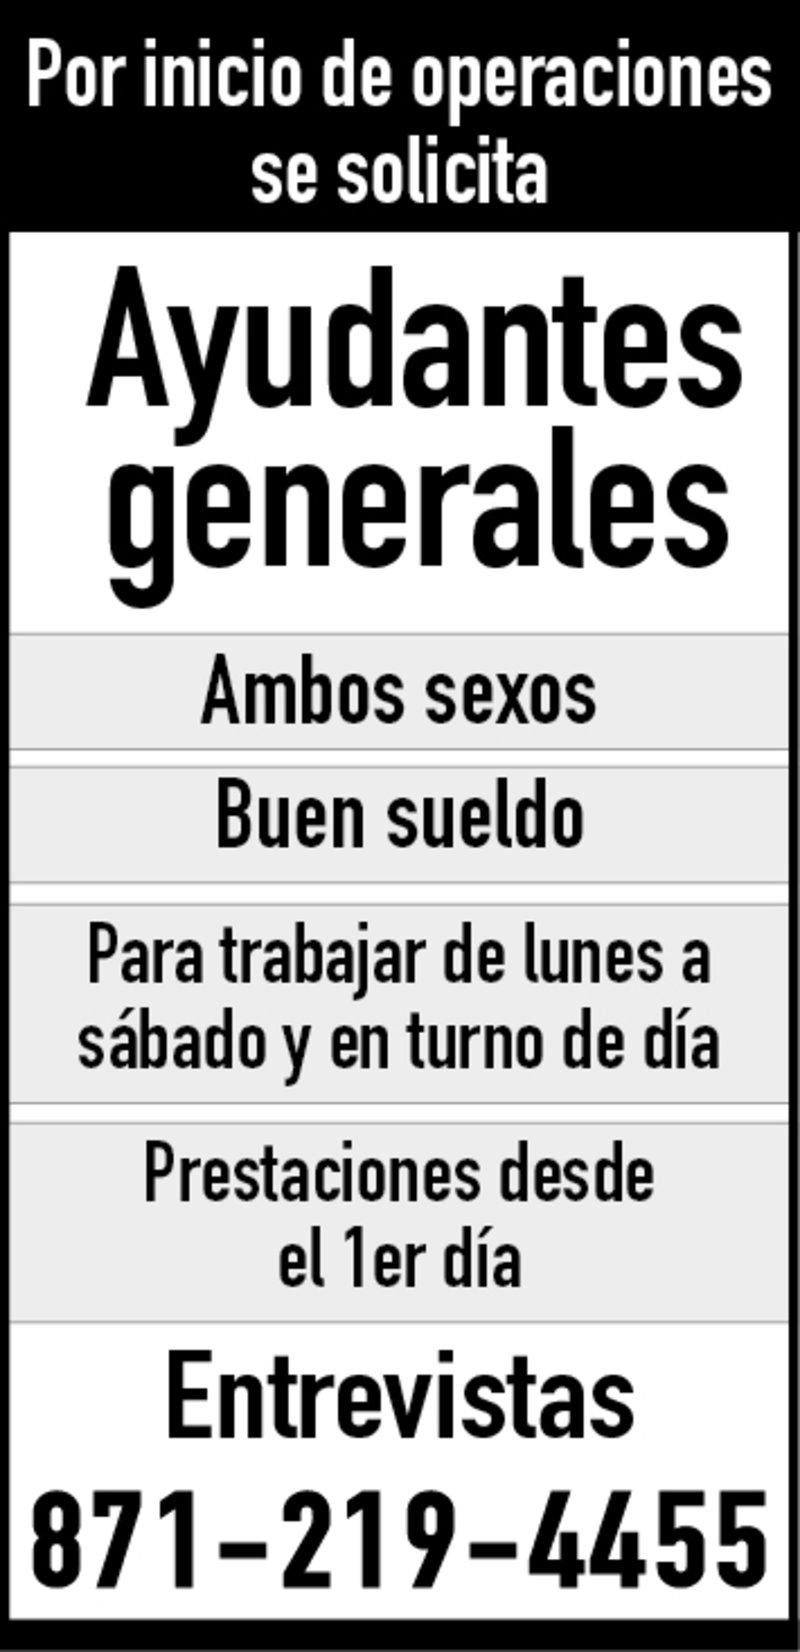 SE SOLCITA AYUDANTES GENERALES